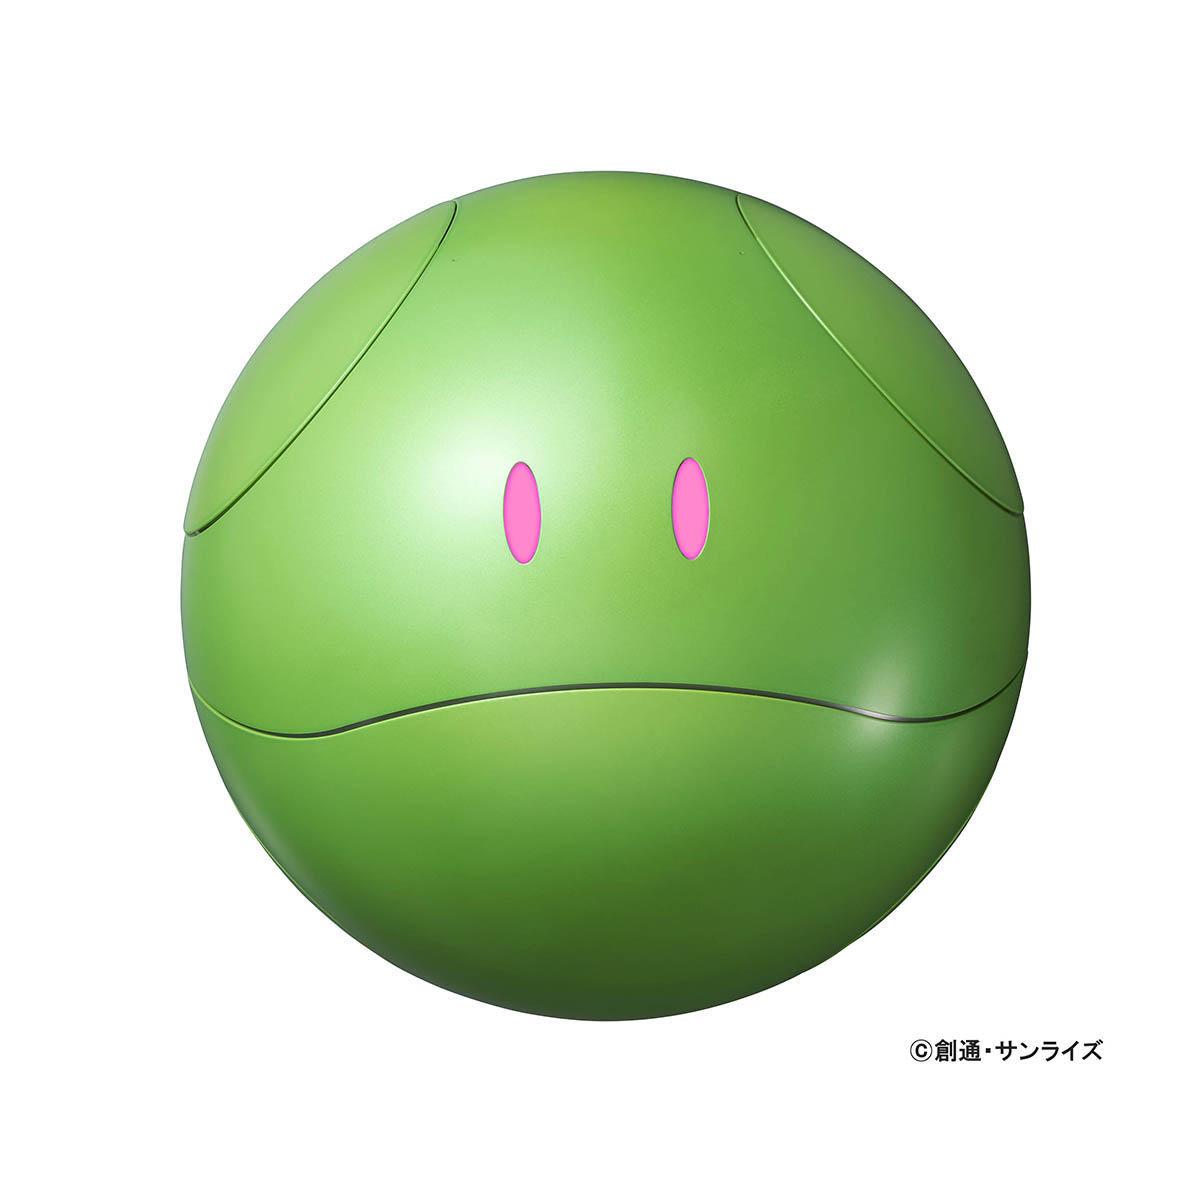 機動戦士ガンダム『ガンシェルジュ ハロ』コミュニケーションロボット-002